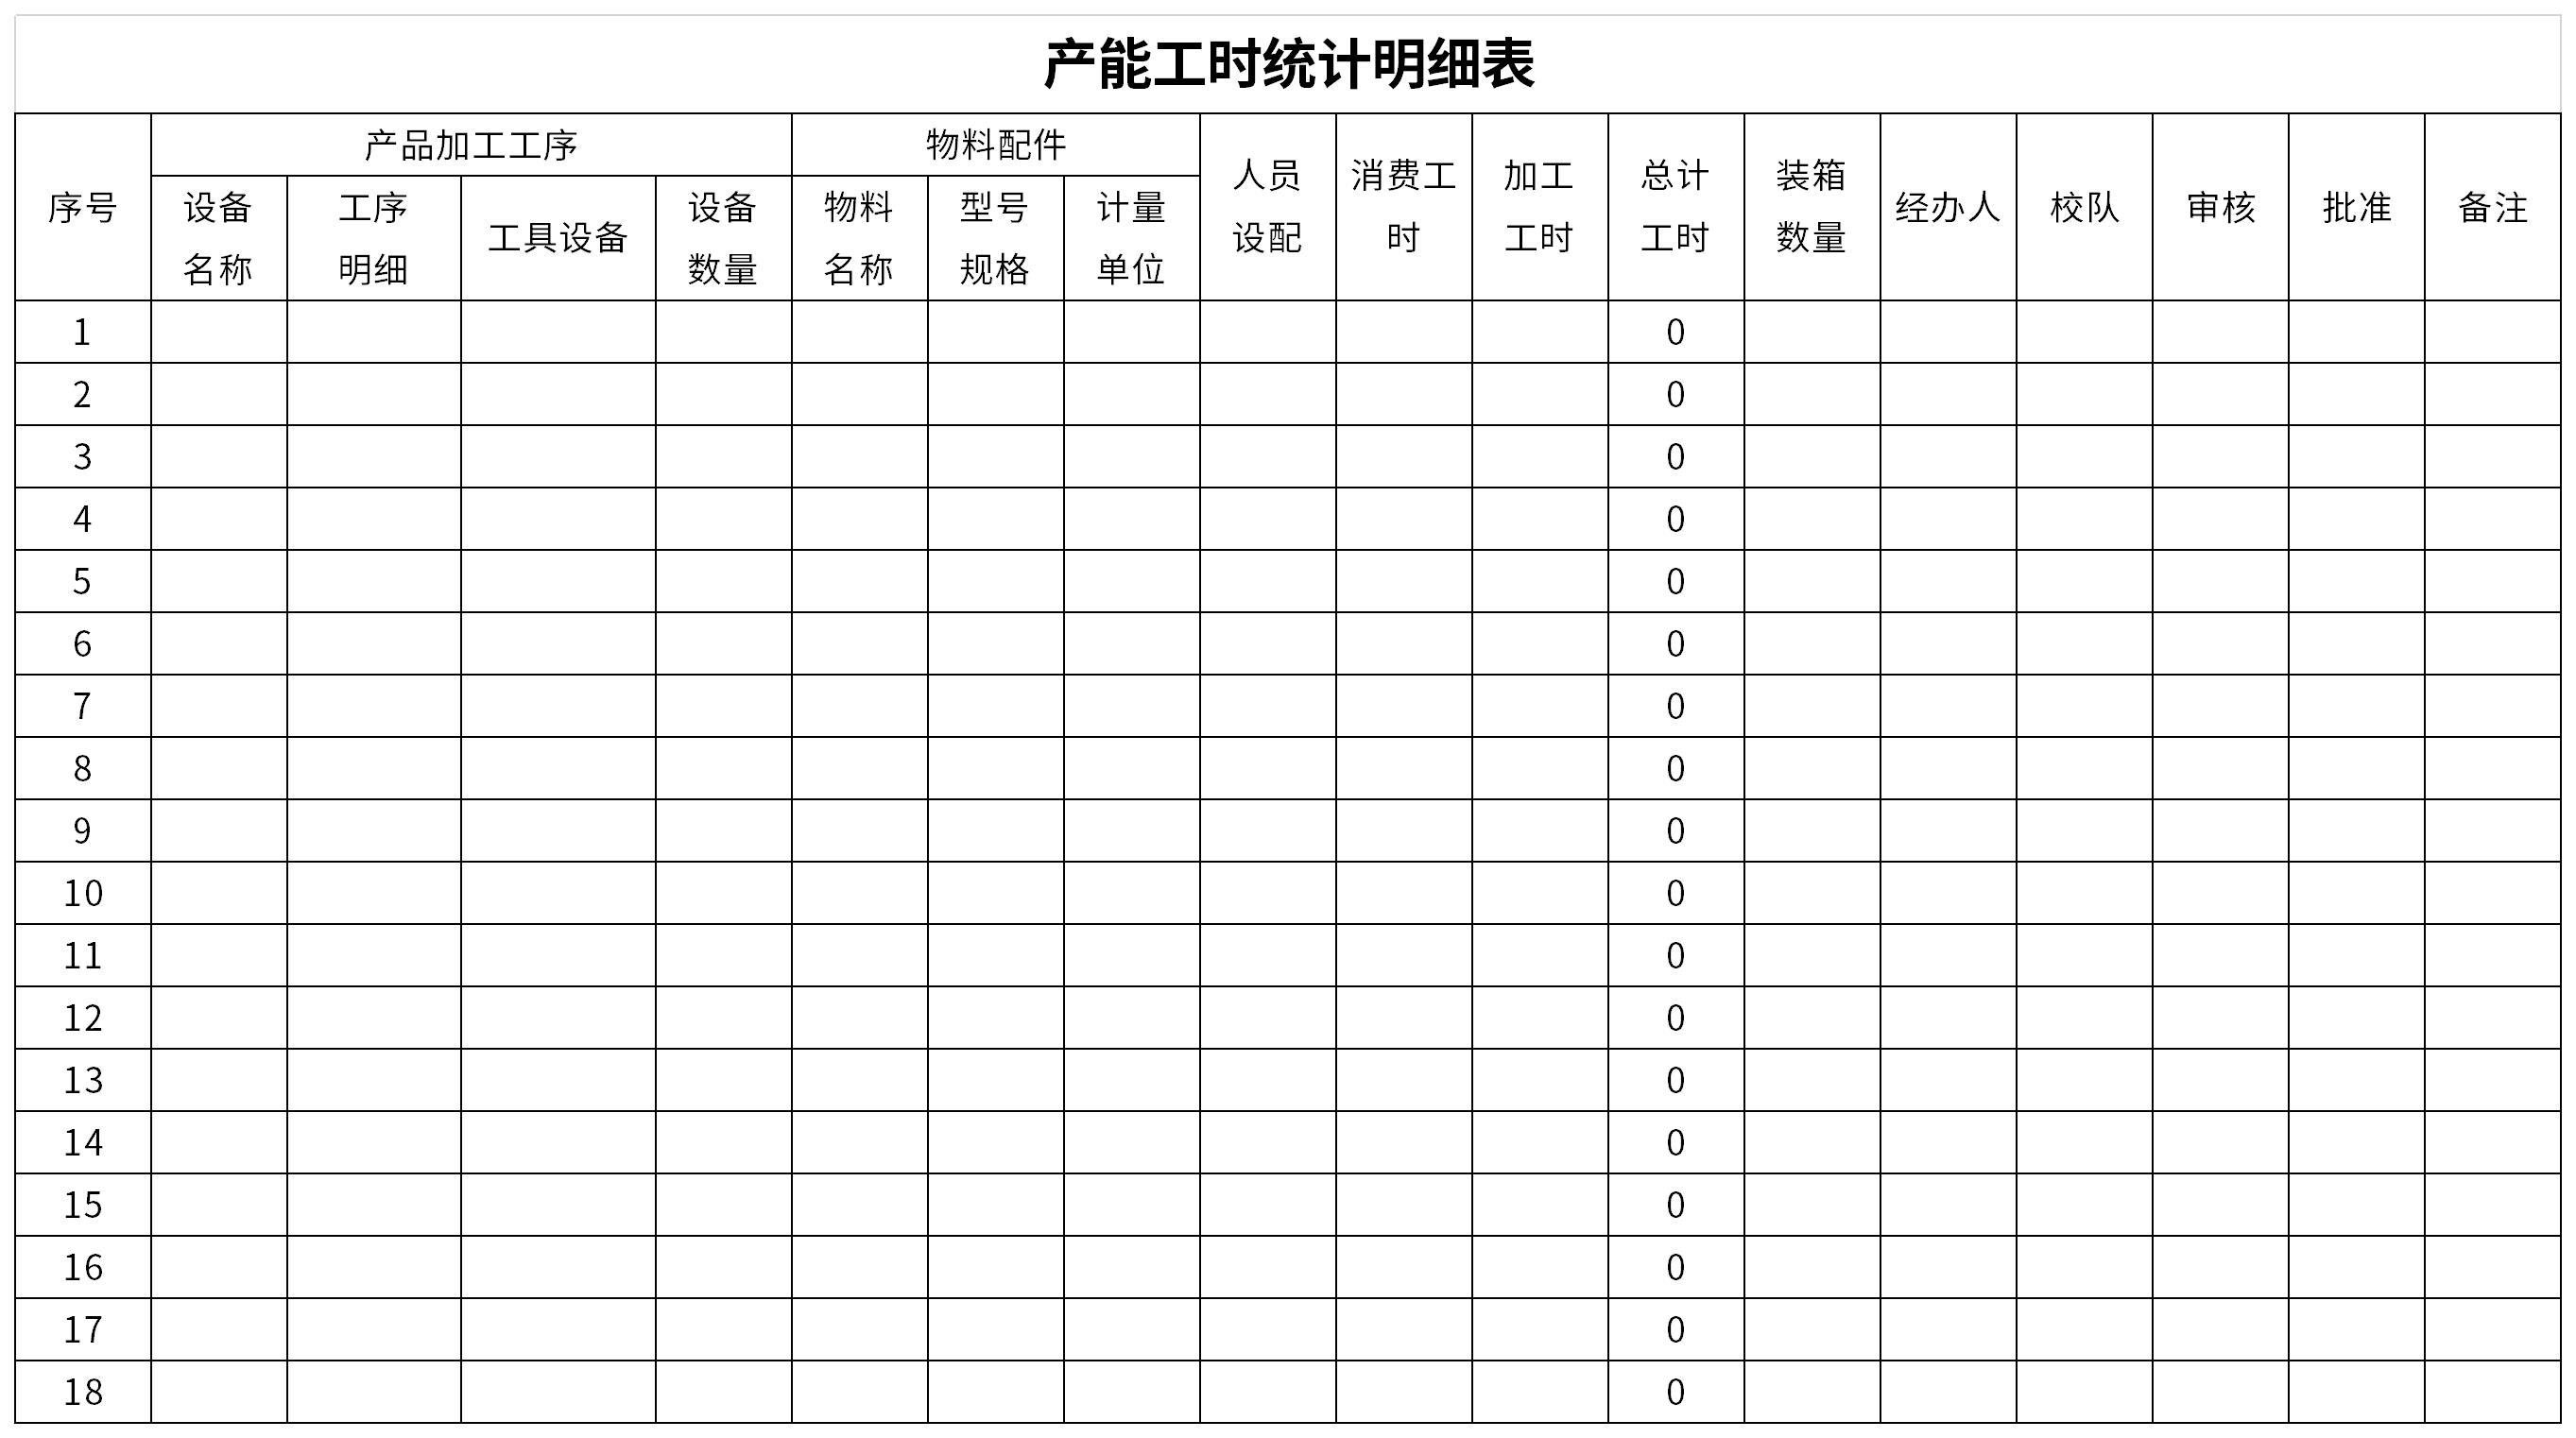 产能工时统计明细表截图